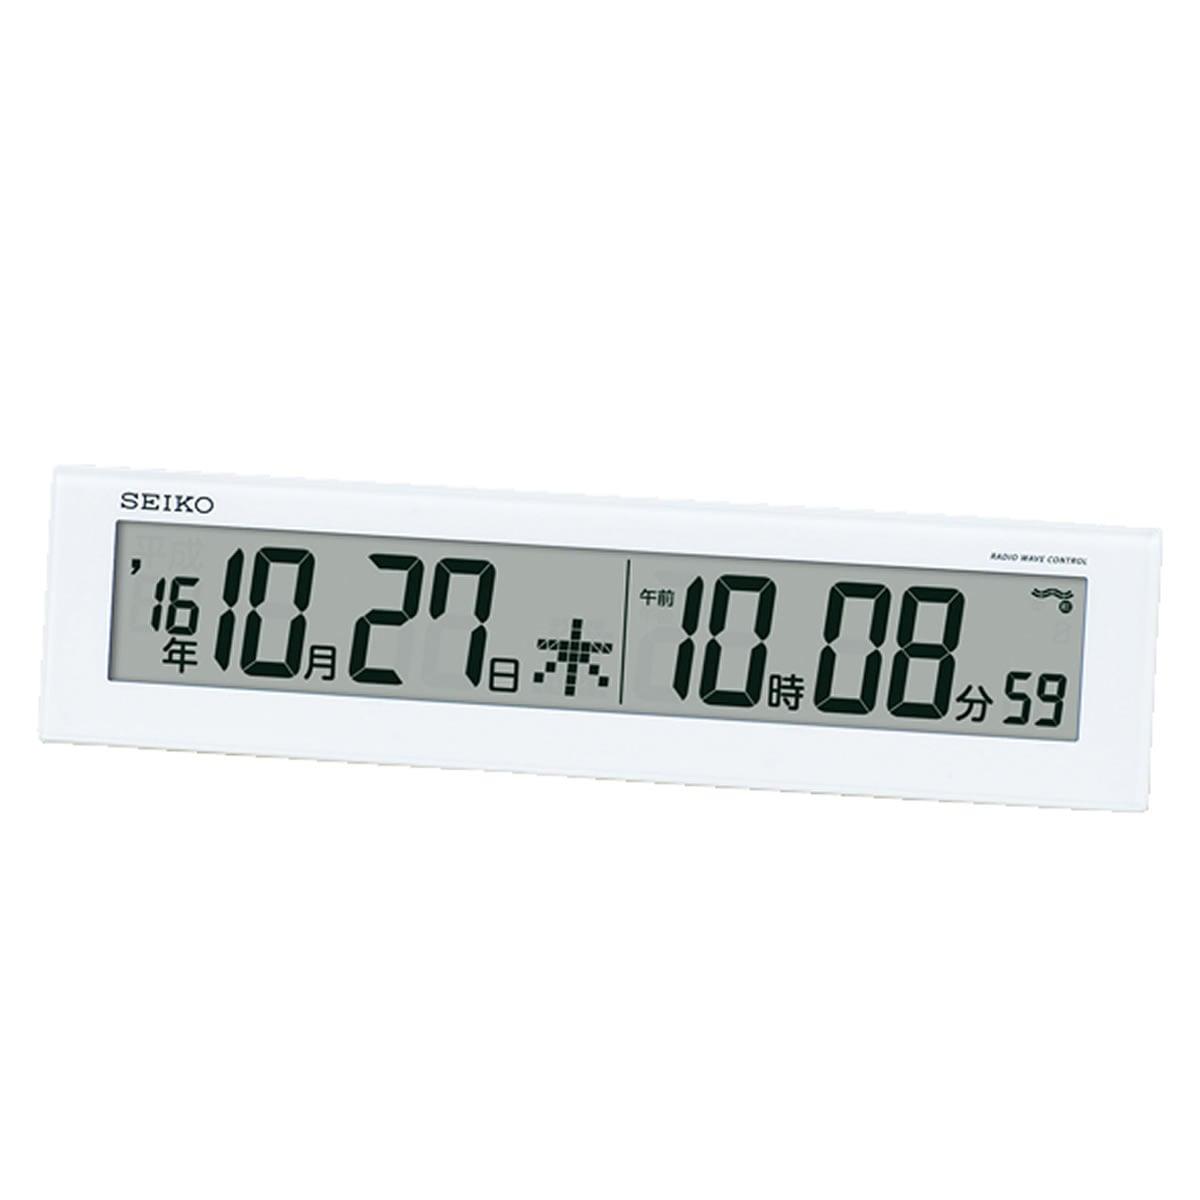 SEIKO(セイコー)カレンダー付 掛置兼用 デジタル電波クロック SQ779W